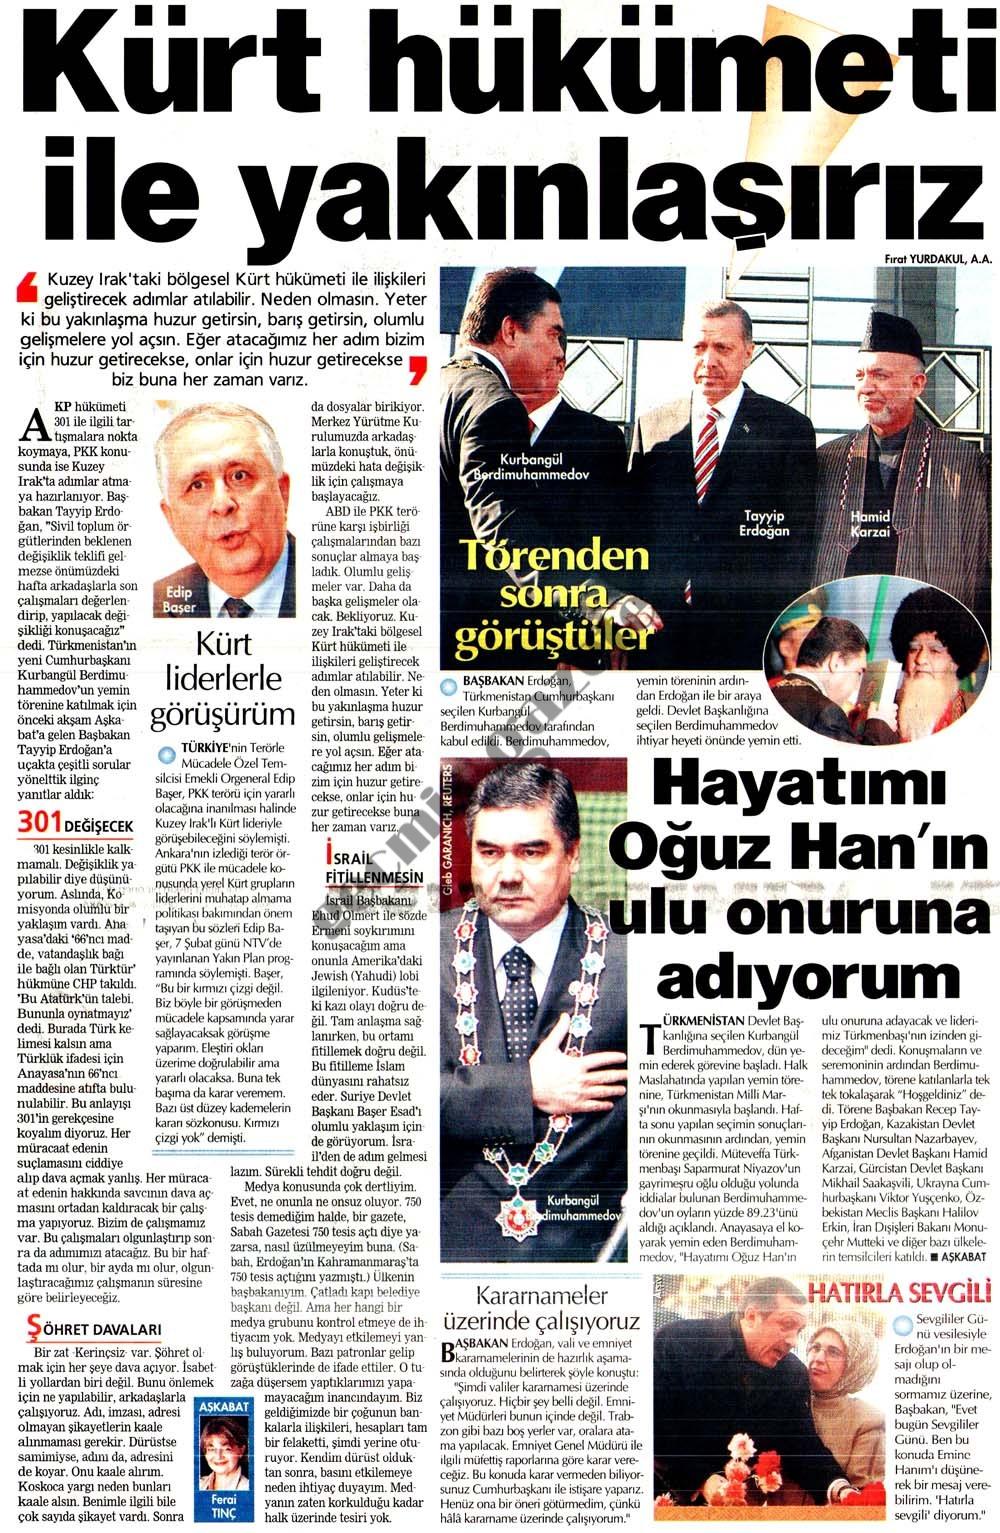 Kürt hükümeti ile yakınlaşırız